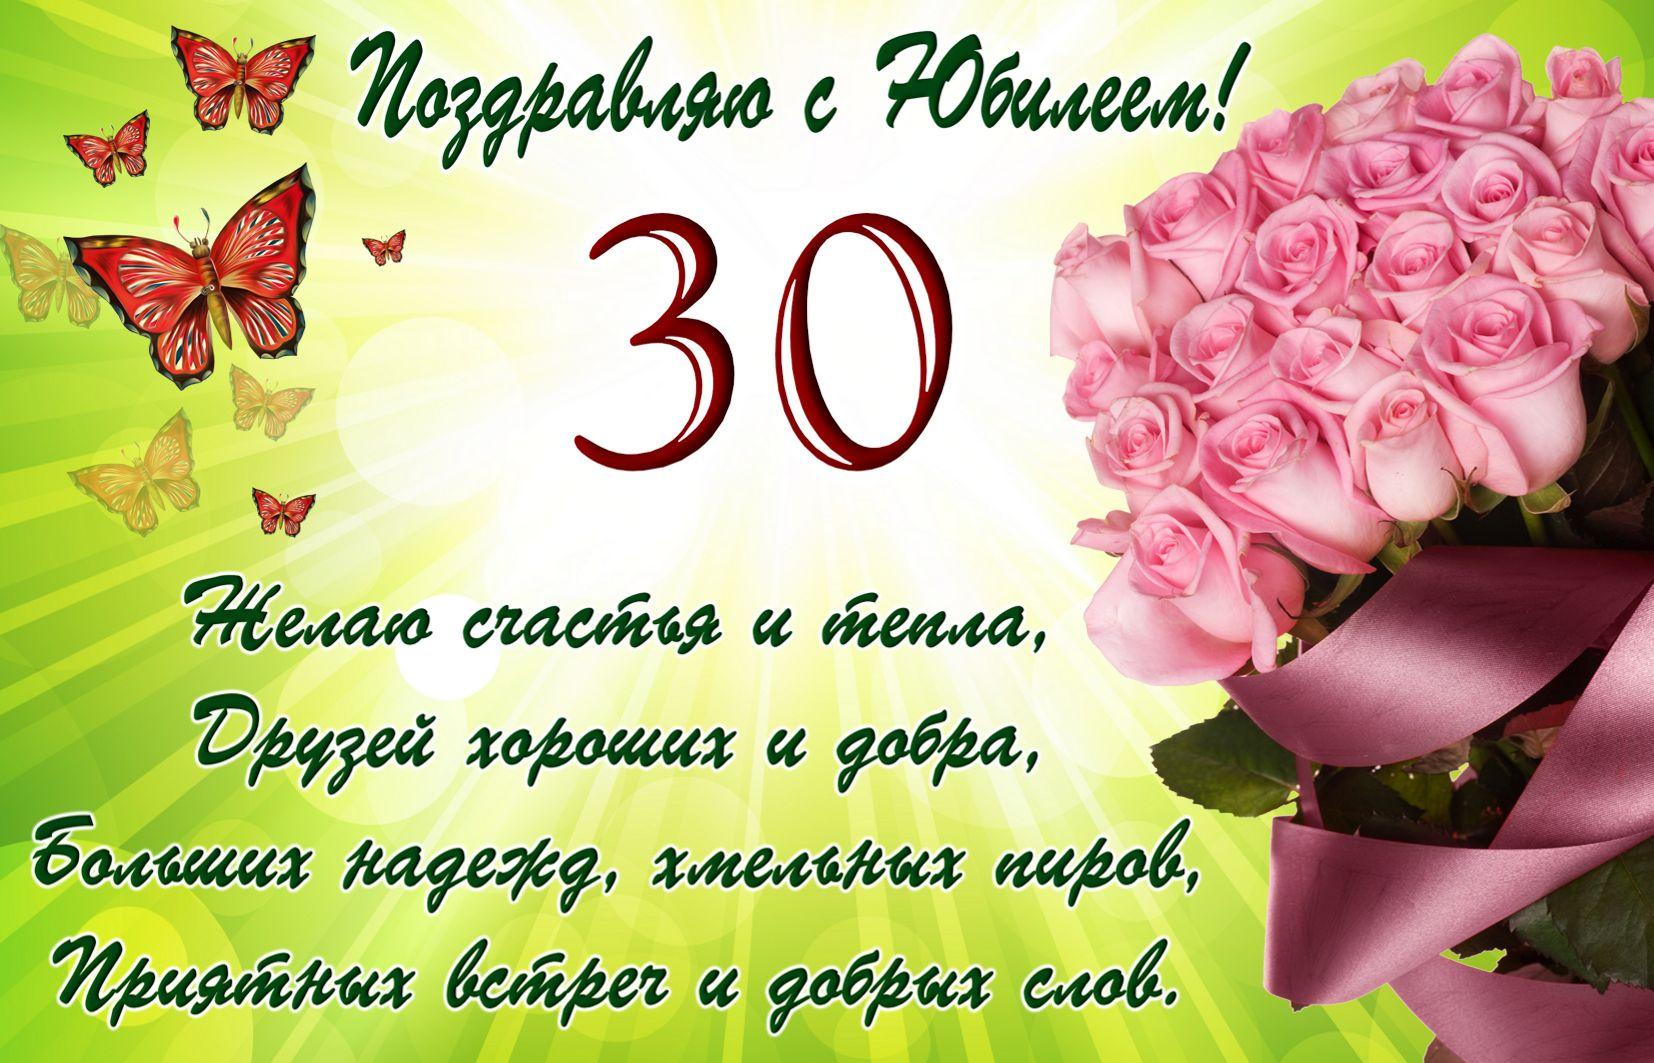 Открытка на юбилей 30 лет - розовые розы на красивом фоне